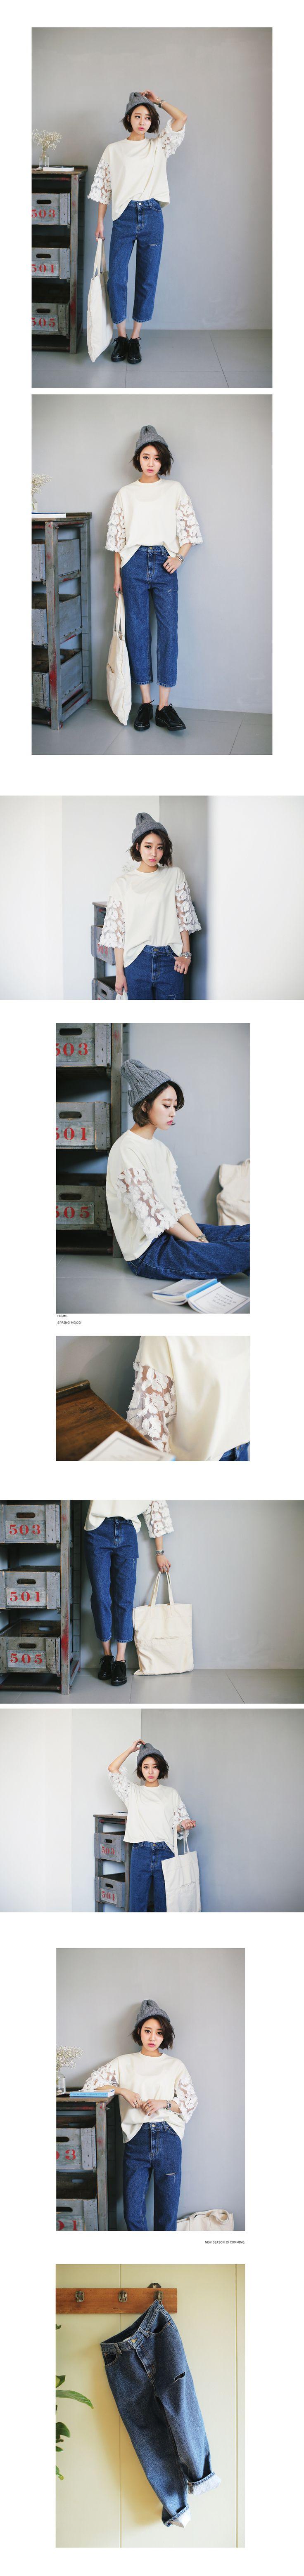 ワイドシースルースリーブTシャツ・全2色トップス・カットソーカットソー・Tシャツ レディースファッション通販 DHOLICディーホリック [ファストファッション 水着 ワンピース]